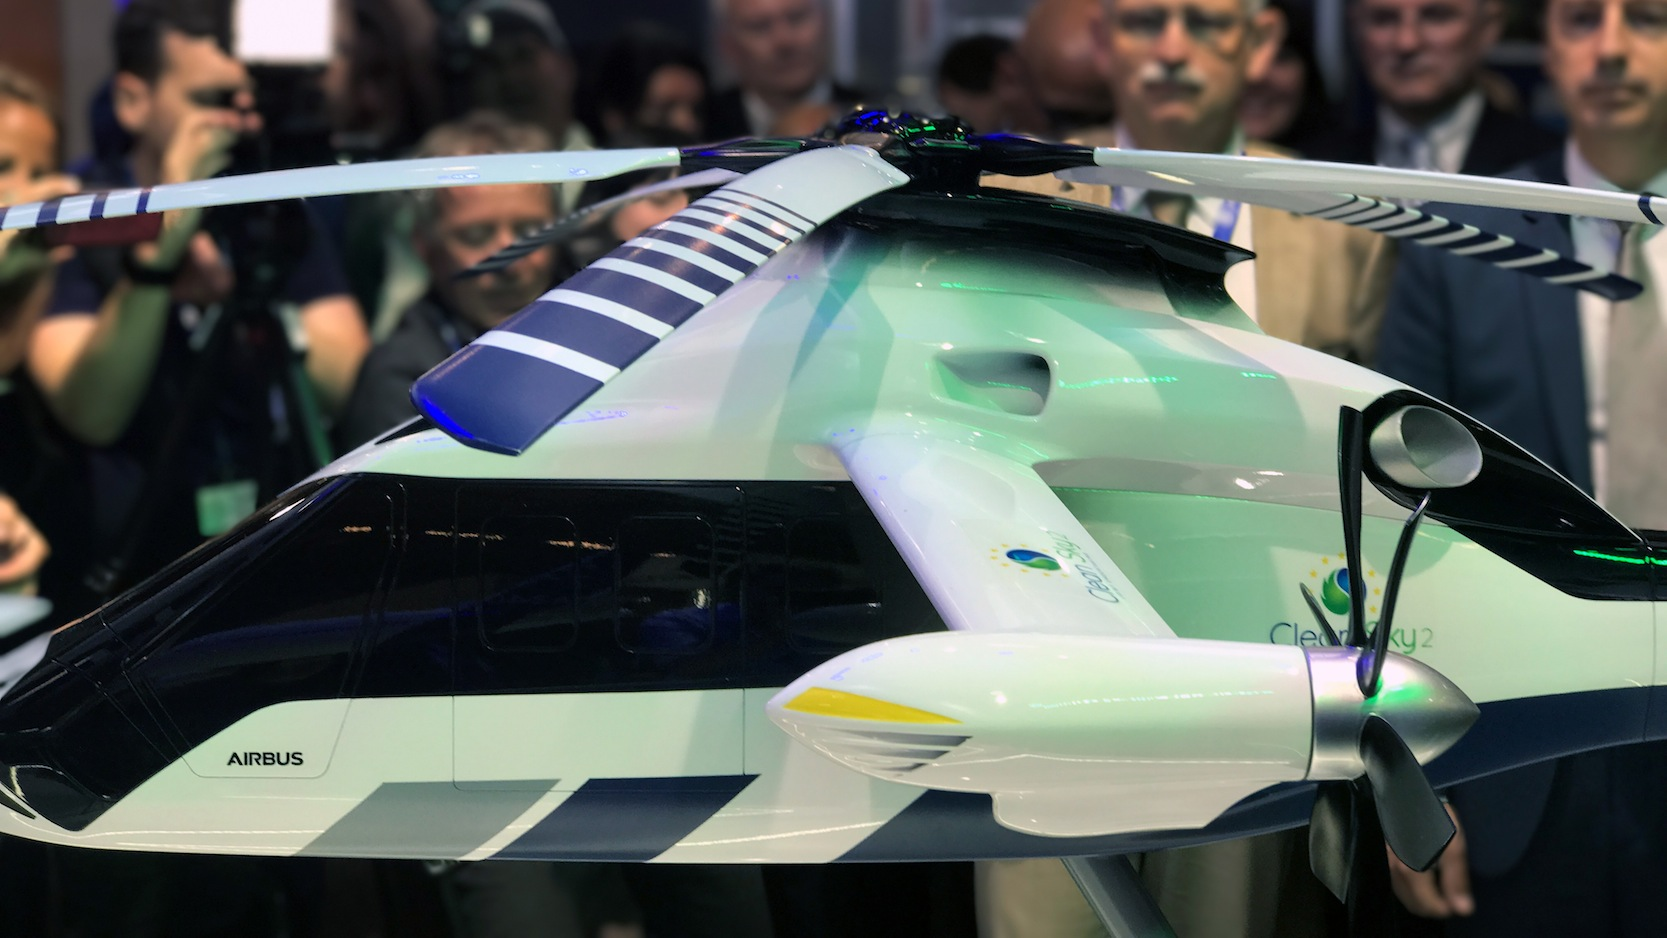 Modell des neuen Hubschraubers Racer auf der Pariser Air Show.